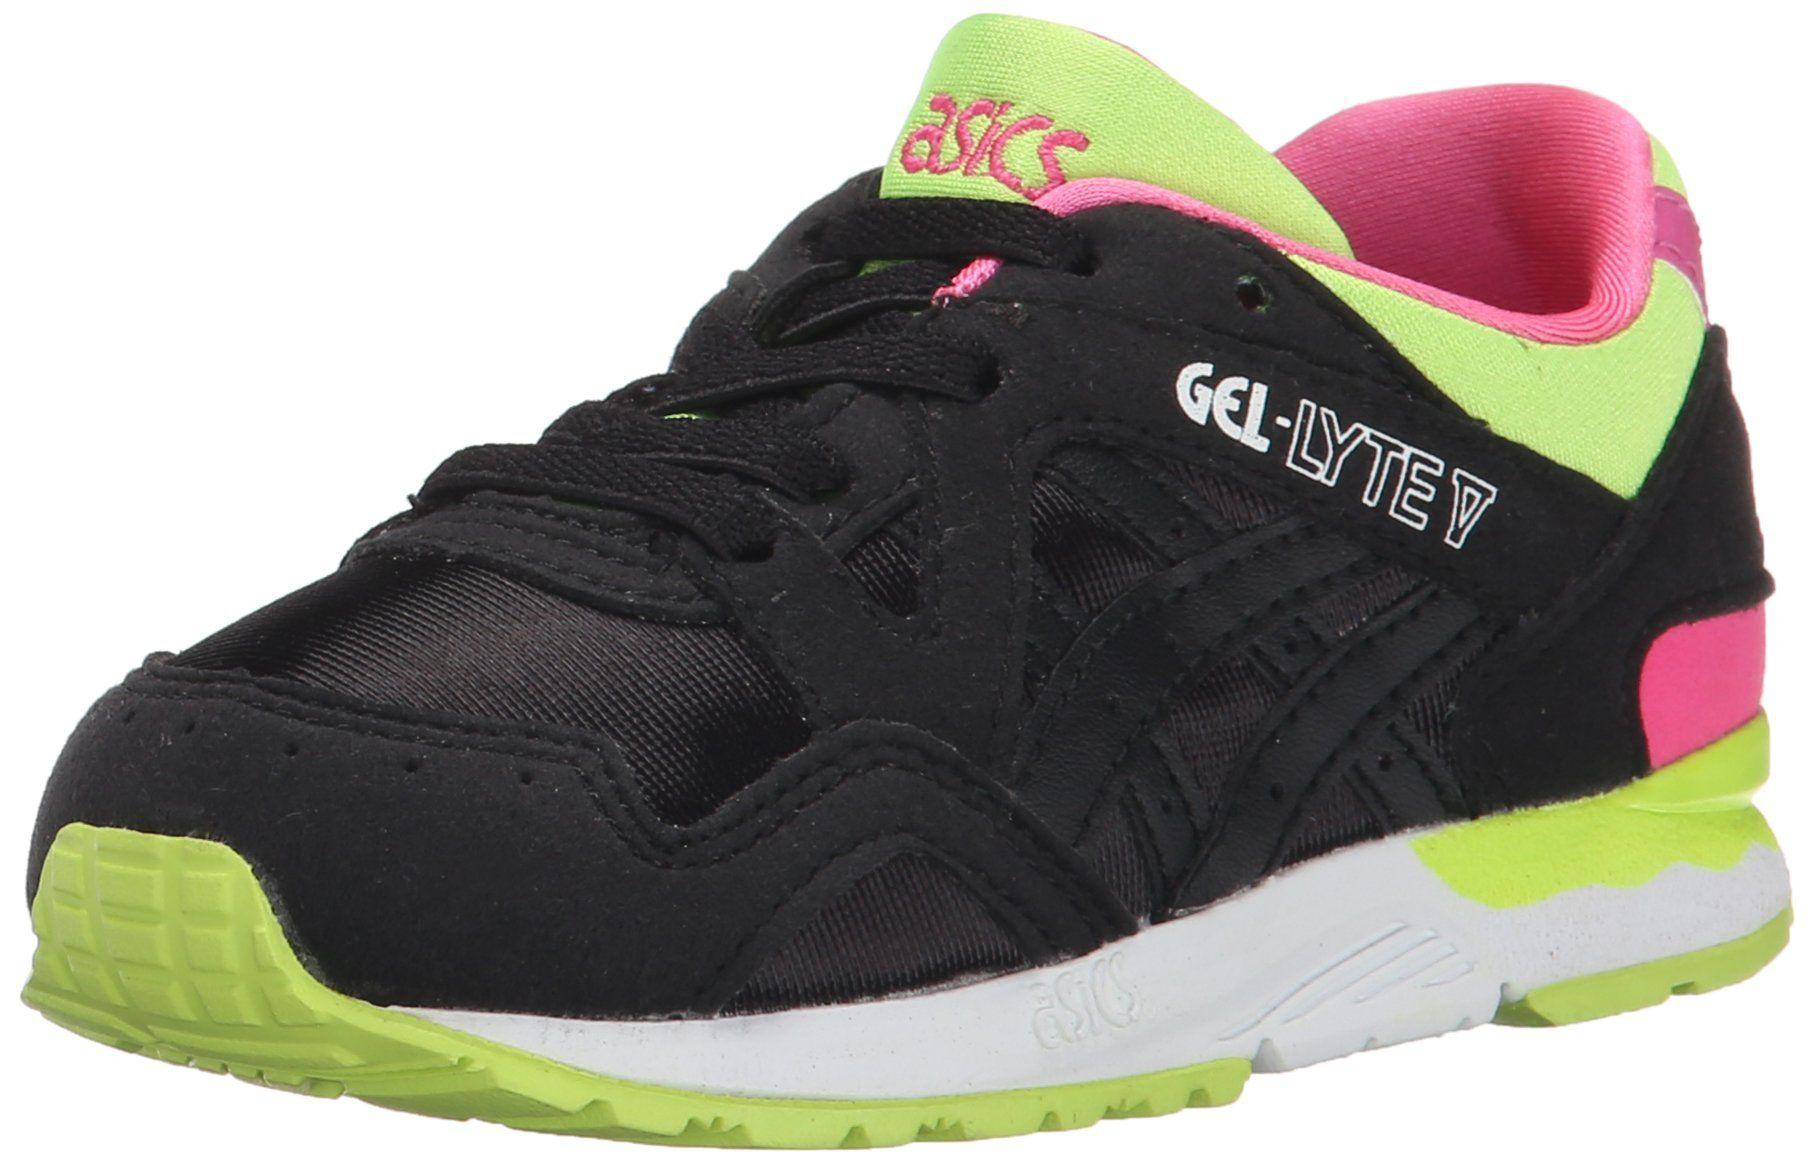 ASICS Gel Lyte V TS Running Shoe (Toddler) bc11e798772a4